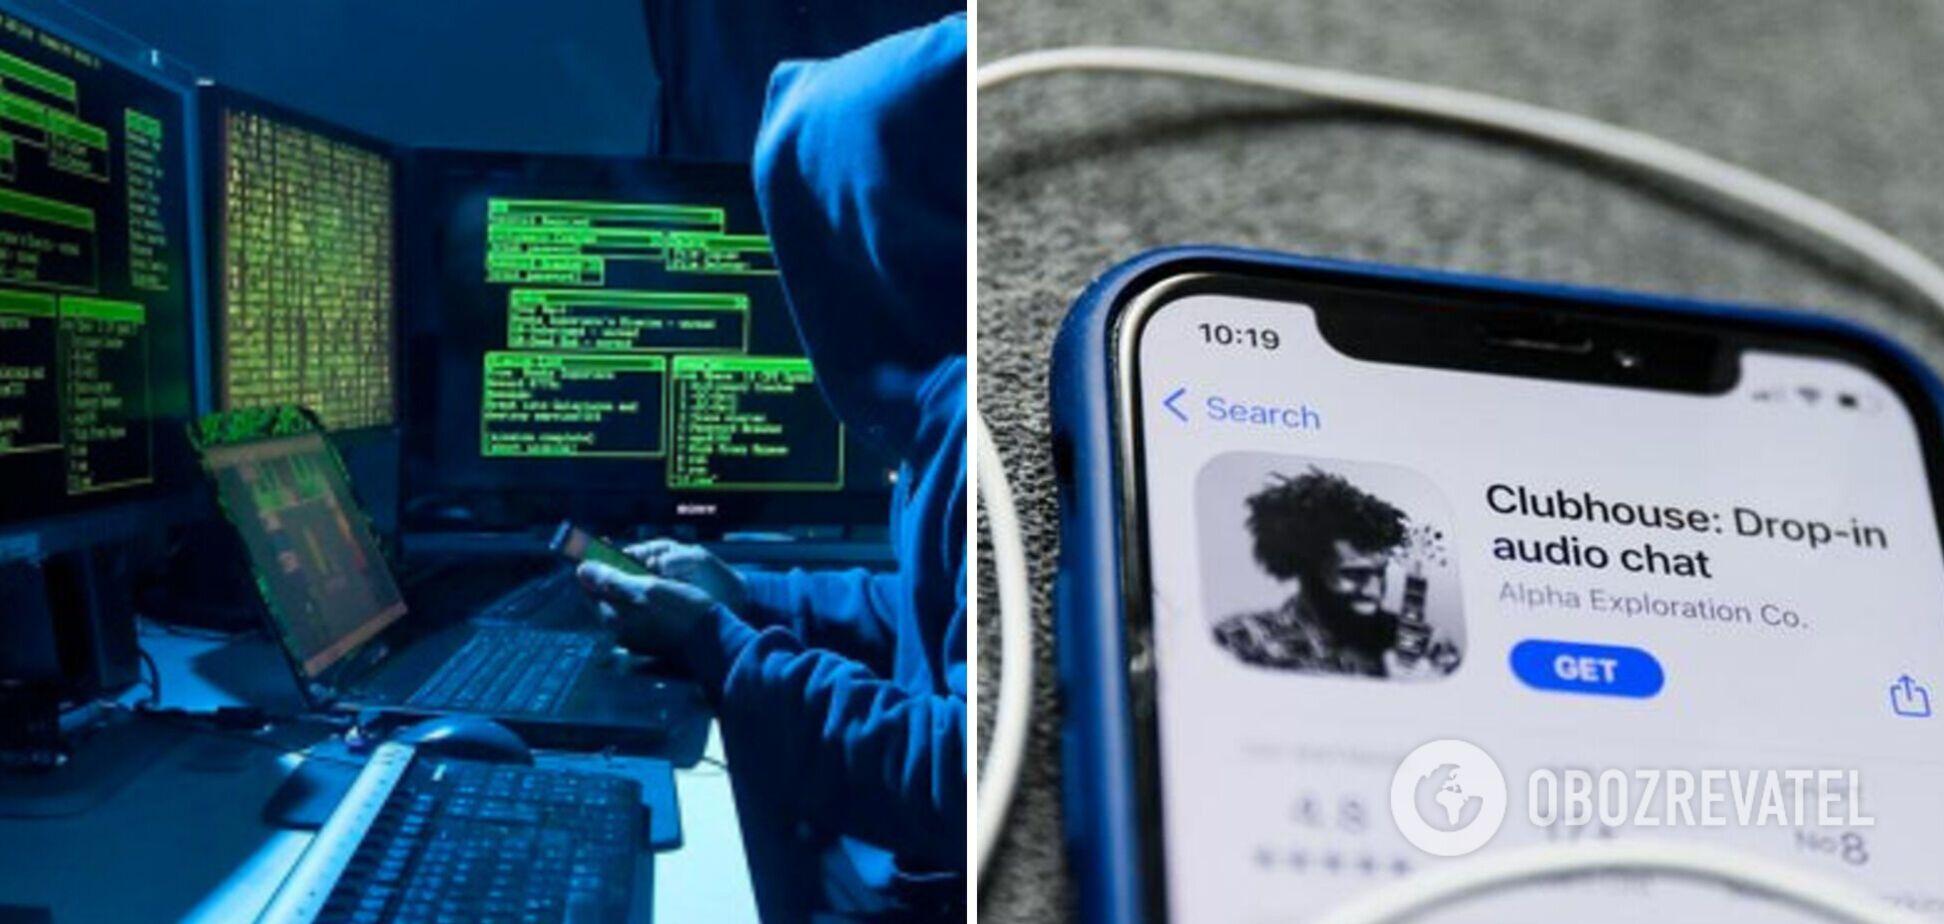 Хакери розповсюдили дані 1,3 млн користувачів мережі Clubhouse